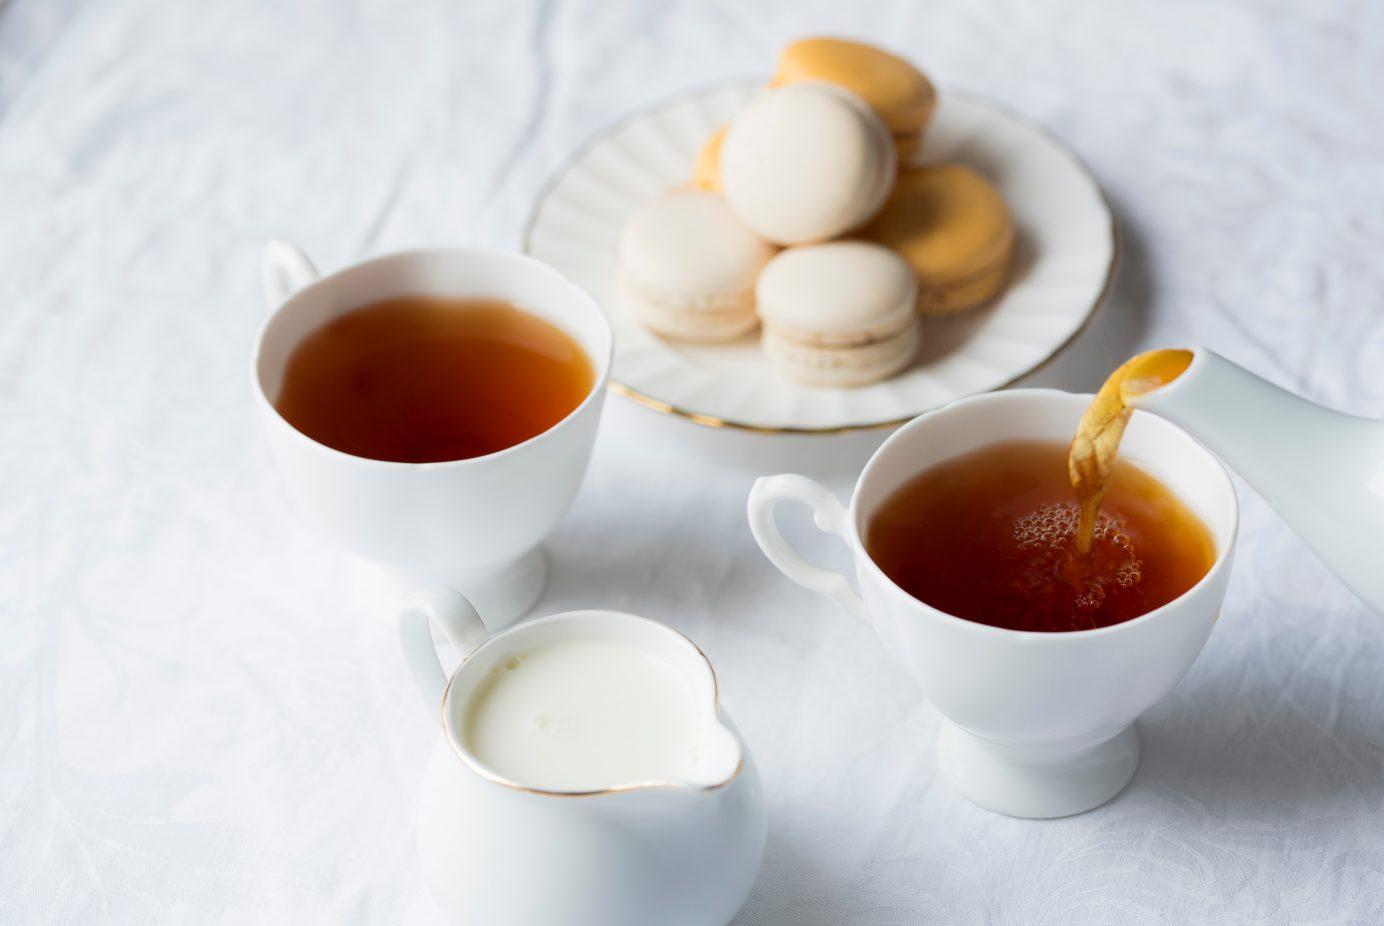 跟風網美前先看這   英式紅茶常忽略的三個禮儀   沒注意小心越喝越沒氣質